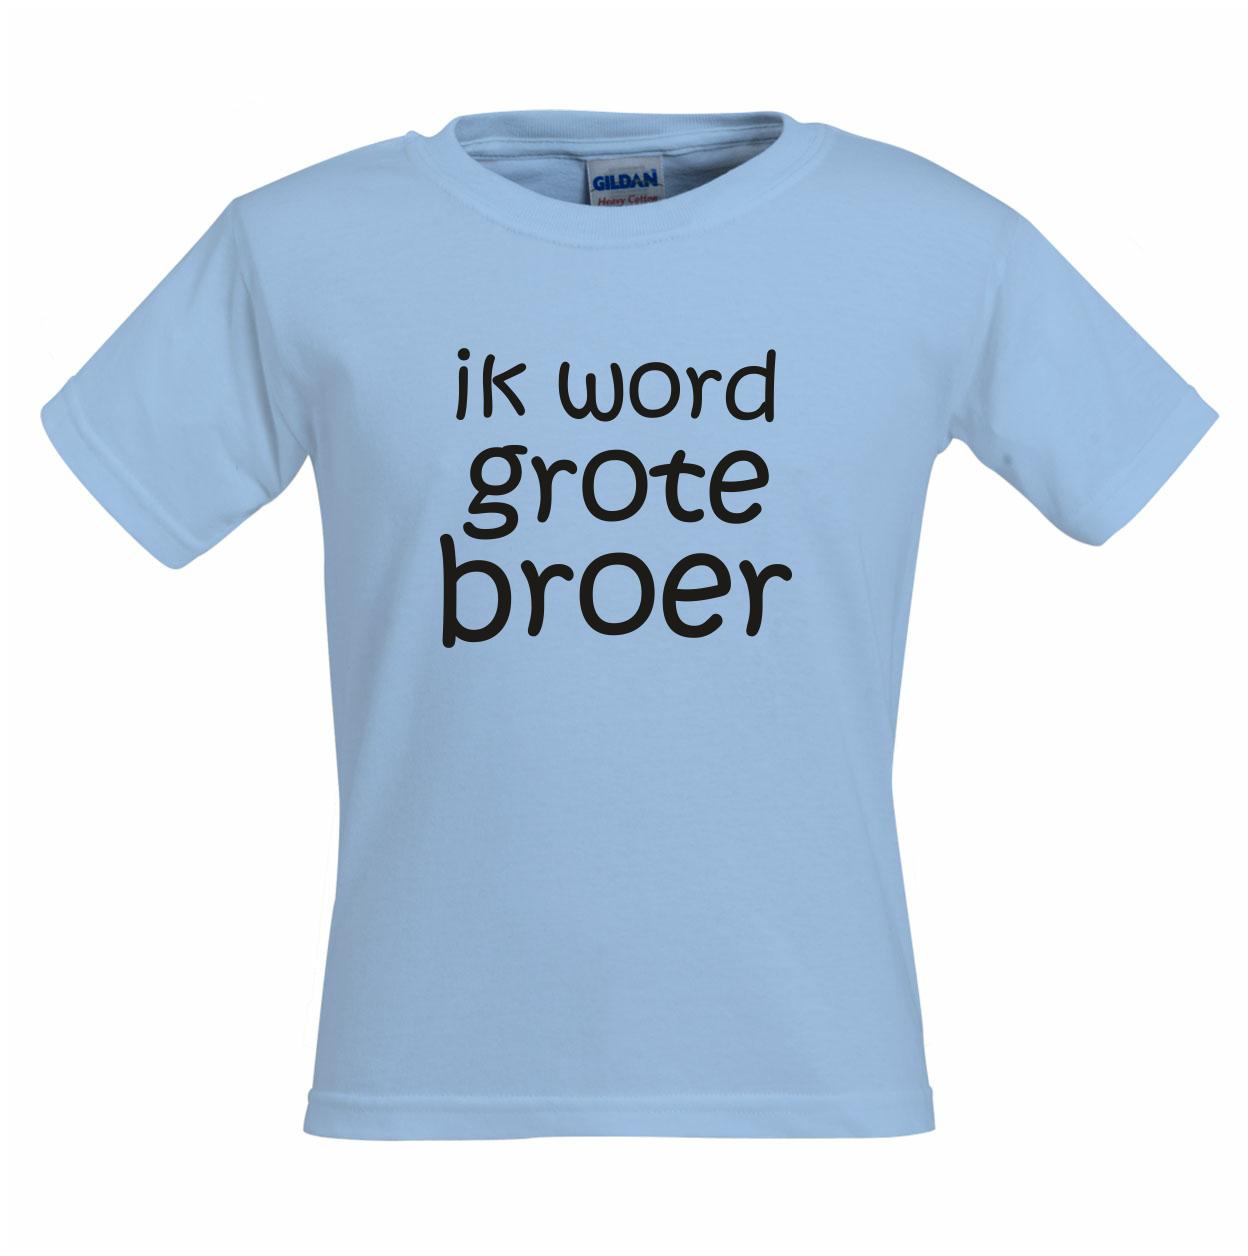 Ik word grote broer shirt